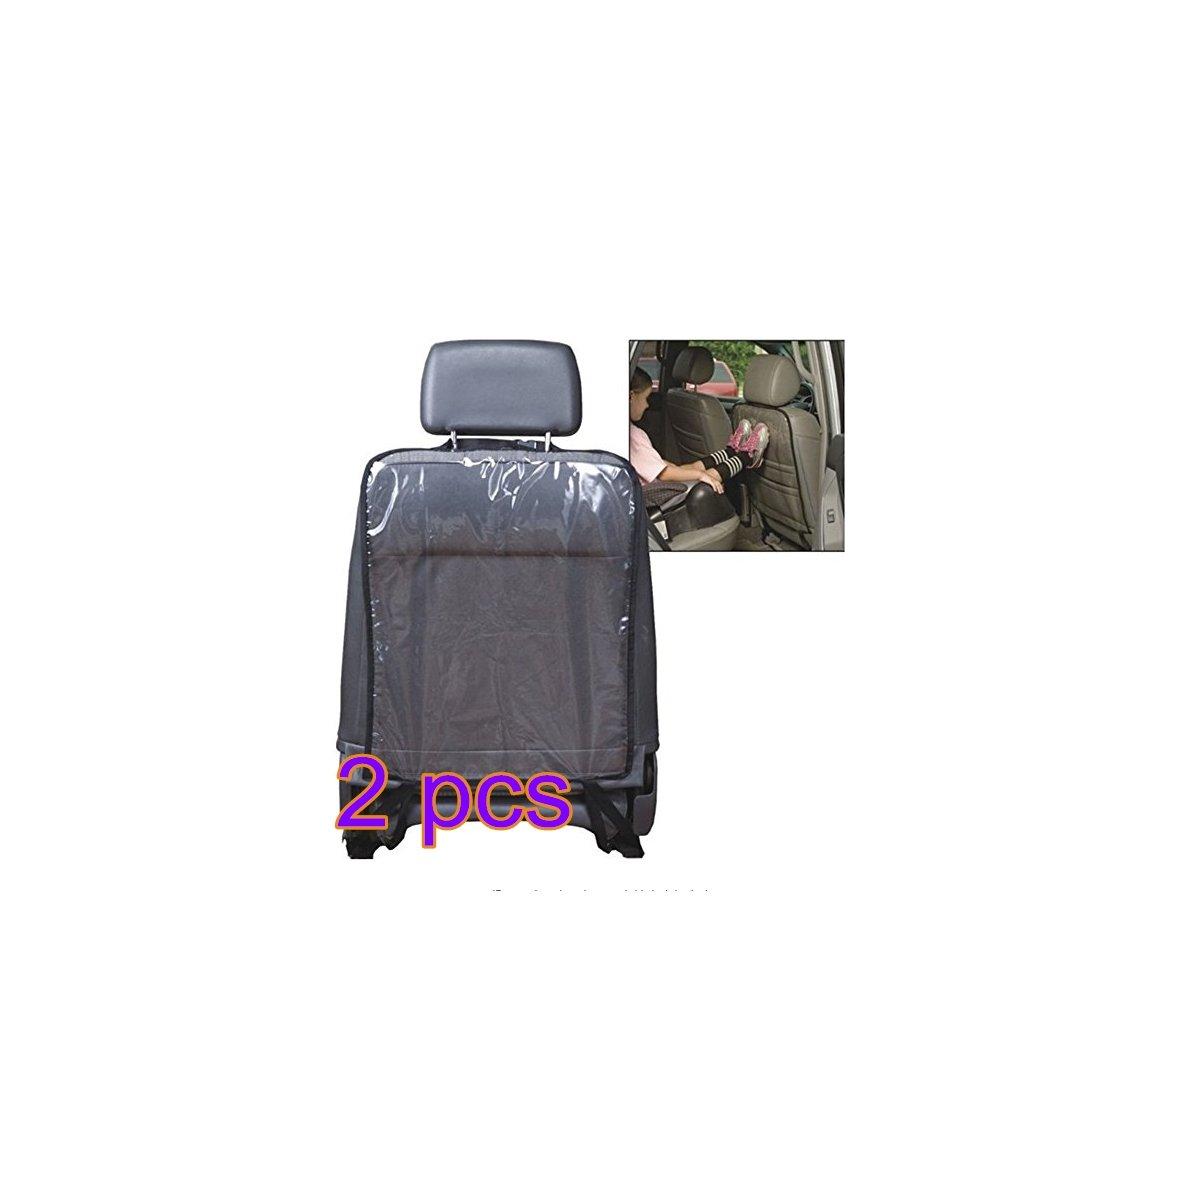 Xiton - 2 almohadillas protectoras antisuciedad para proteger el asiento trasero y evitar la suciedad, impermeables